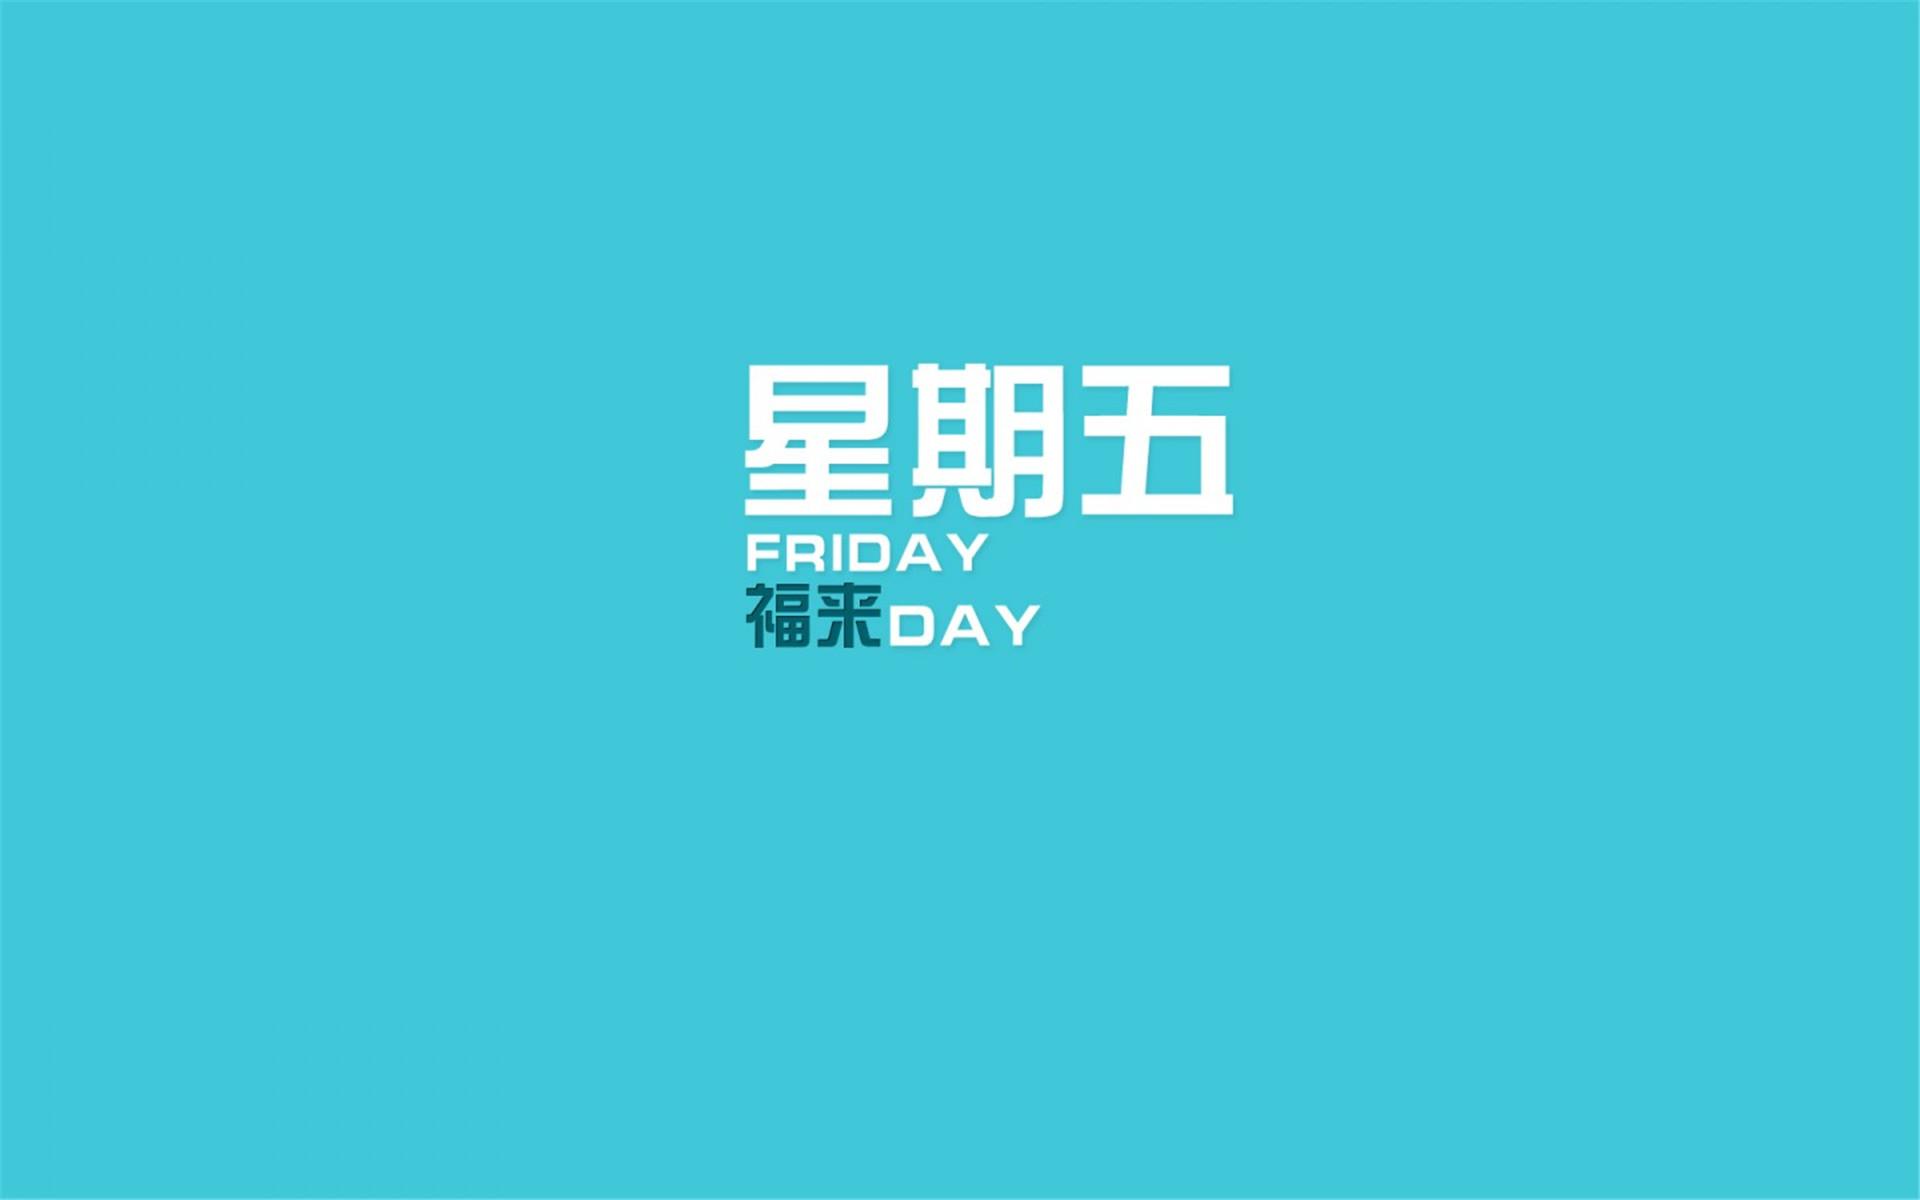 每日心语搞笑星期文字星期五PPT背景图片免费下载是由PPT宝藏(www.pptbz.com)会员zengmin上传推荐的简约PPT背景图片, 更新时间为2017-01-20,素材编号120306。 Friday(Fri.)-Day of Venus(金星日)。 Friday(Fri.)—Day of Venus(金星日)。 Friday在古英语中写作Frigedoeg。Frigga是掌管婚姻的女神。她是Woden之妻,Thor之母。因为以Woden之名命名了Wednesday,以Thor之名命